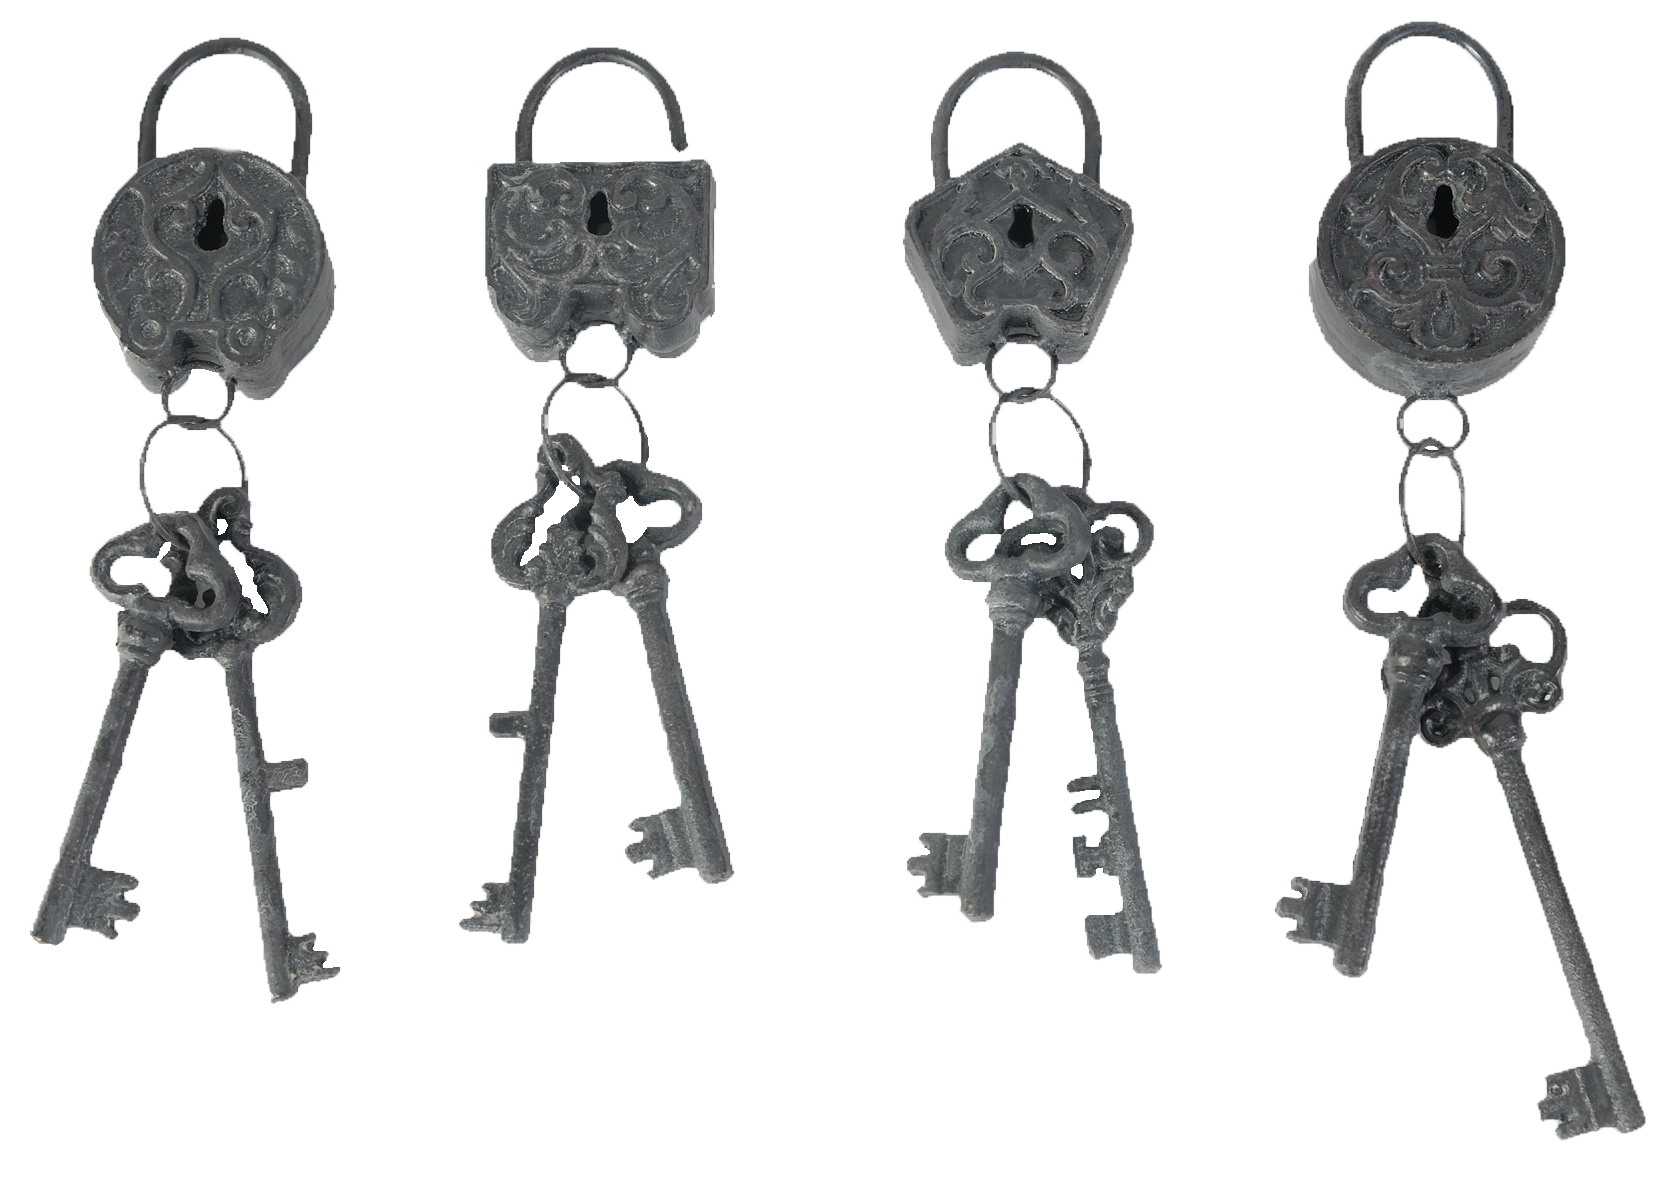 {} ARTEVALUCE Подвеска Связка Ключей (6х10х28 см) подвеска для лонгборда 1шт ruckus trkrk3517 mid black 6 22 2 см